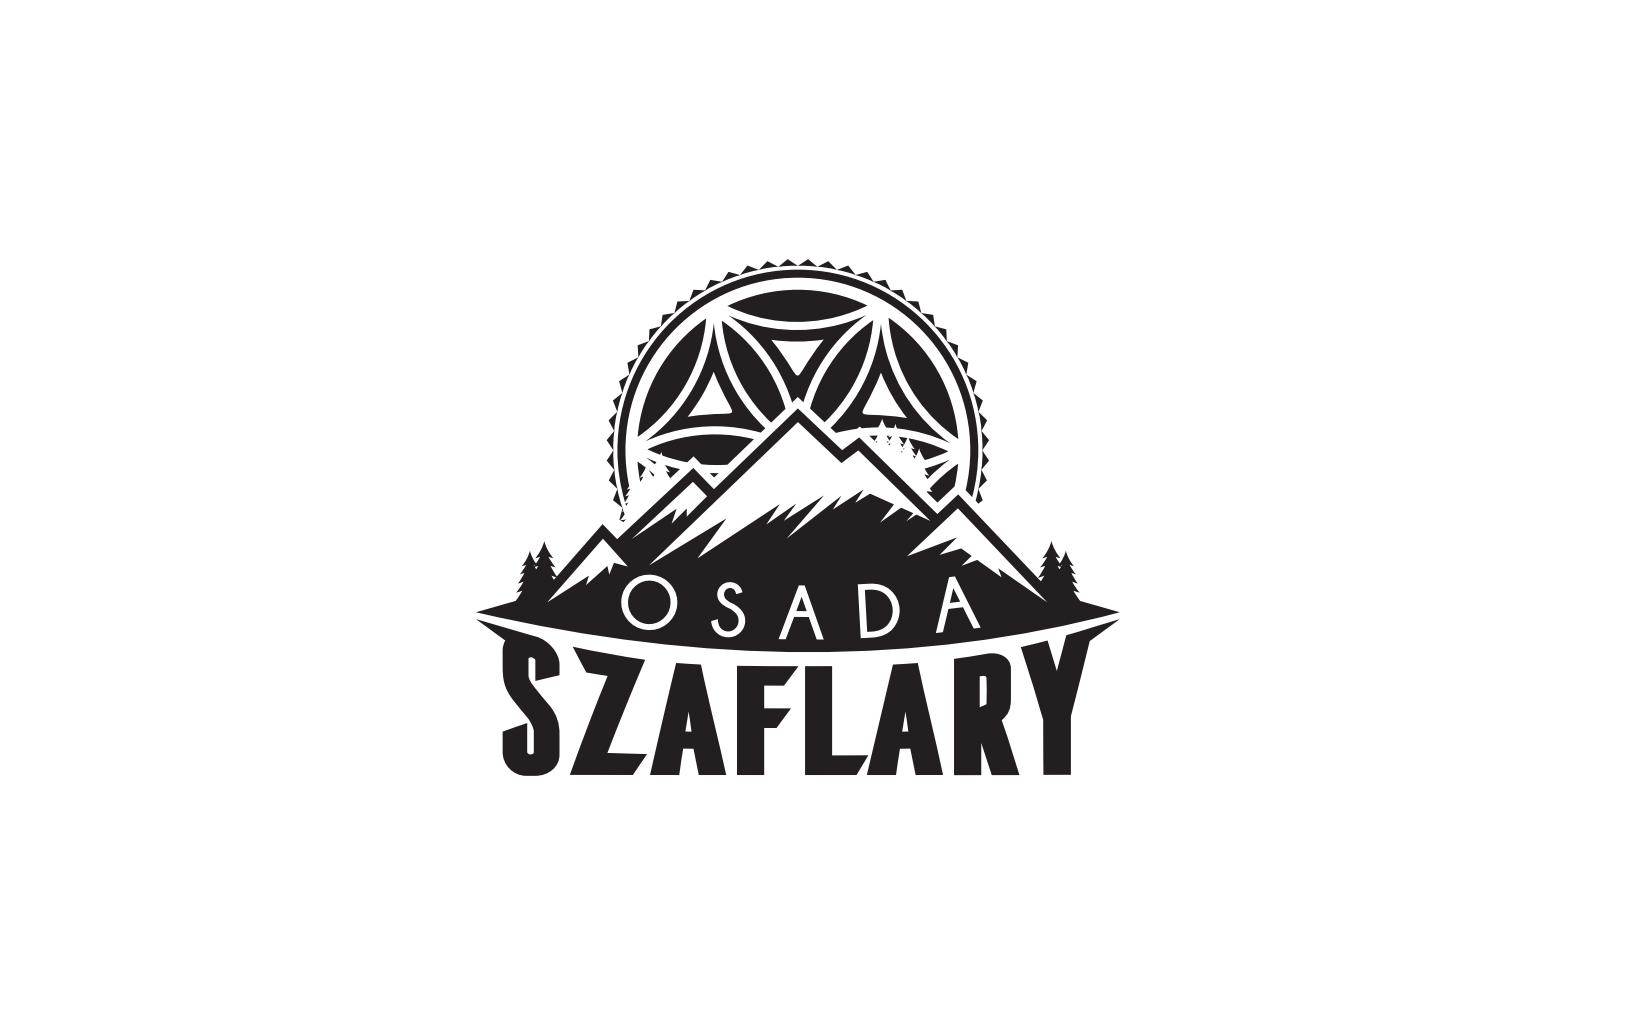 Osada Szaflary